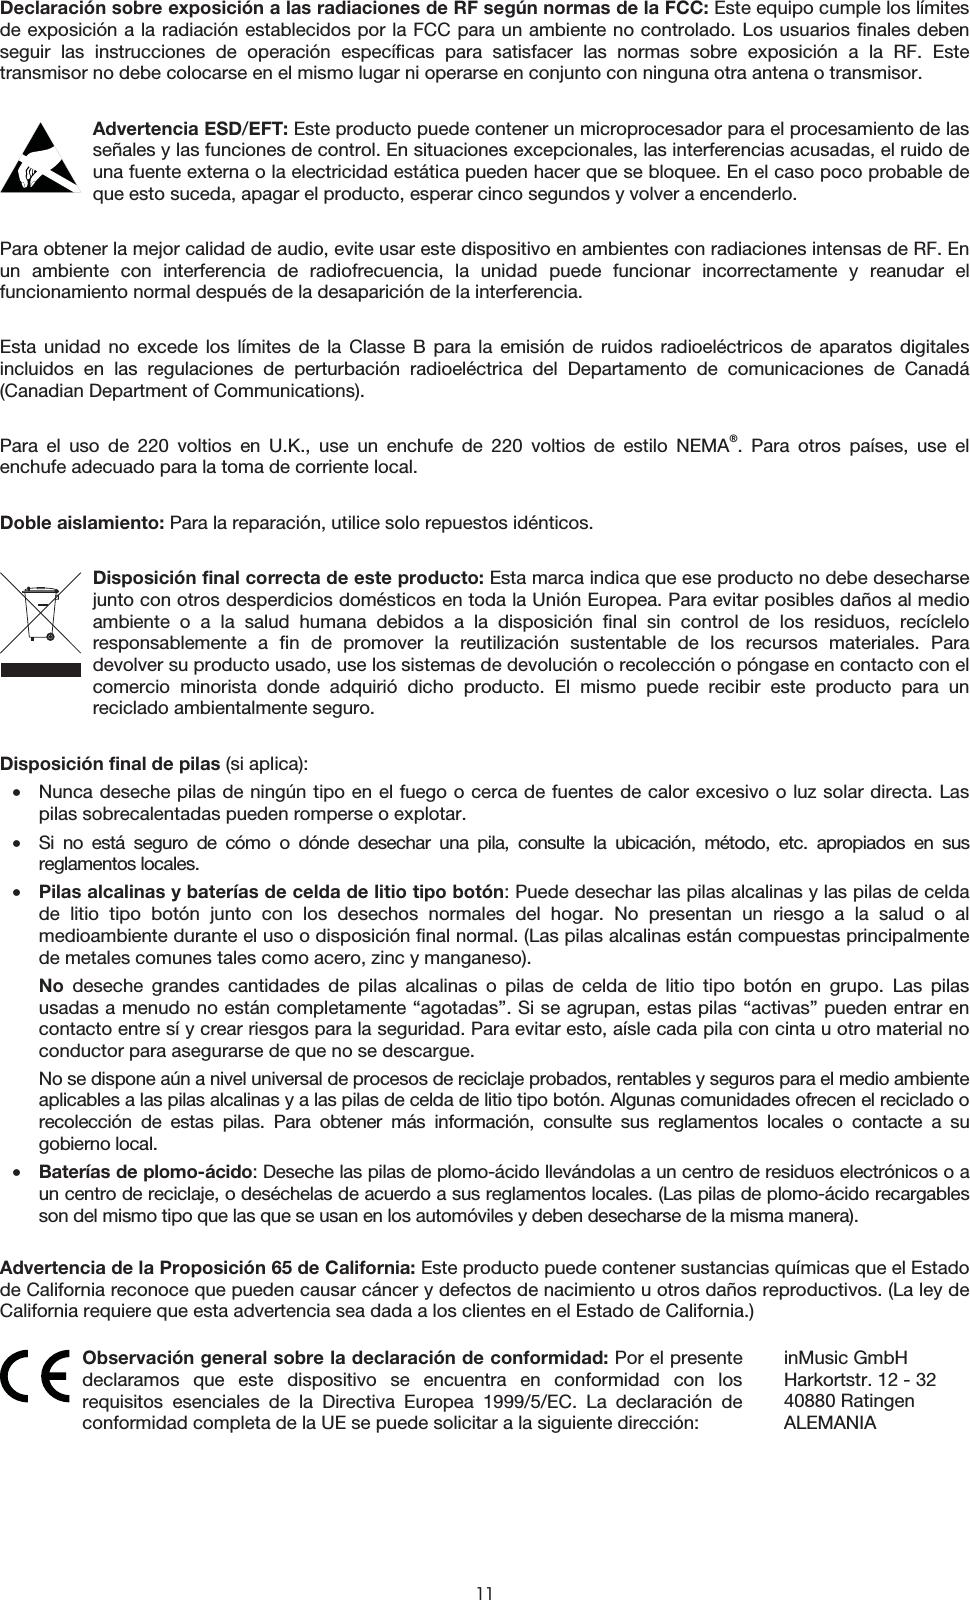 Moderno Reanudar En Canadá Bosquejo - Colección De Plantillas De ...